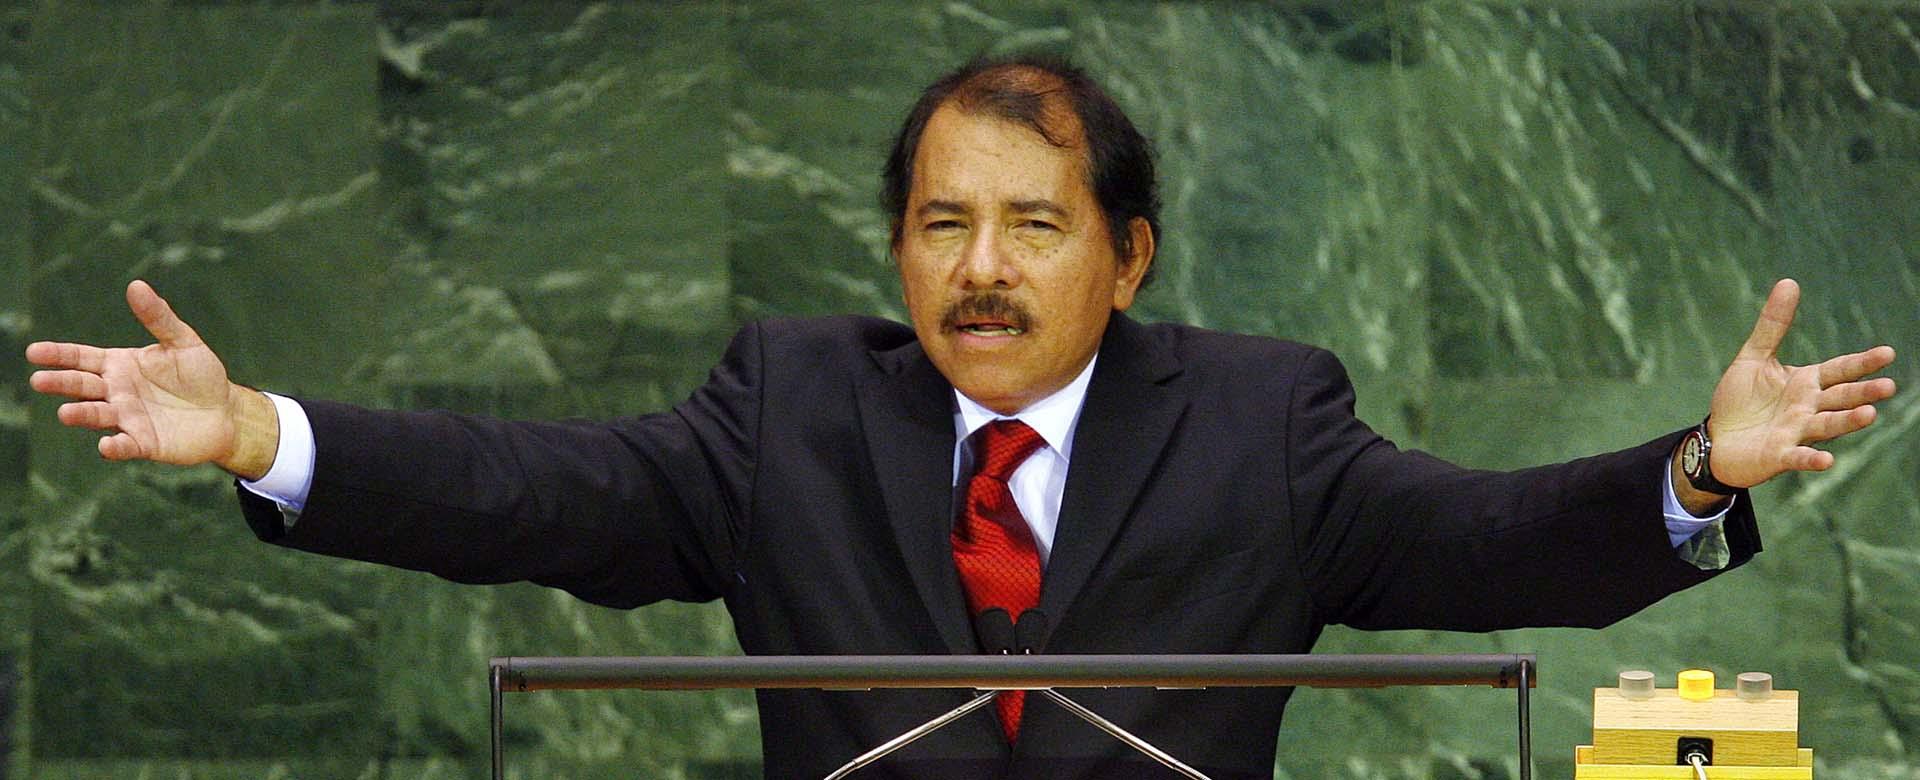 Der Präsident von Nicaragua Daniel Ortega vor der UN. In NIcaragua kommt es wiederholt zu Gewalt gegen Demonstranten.